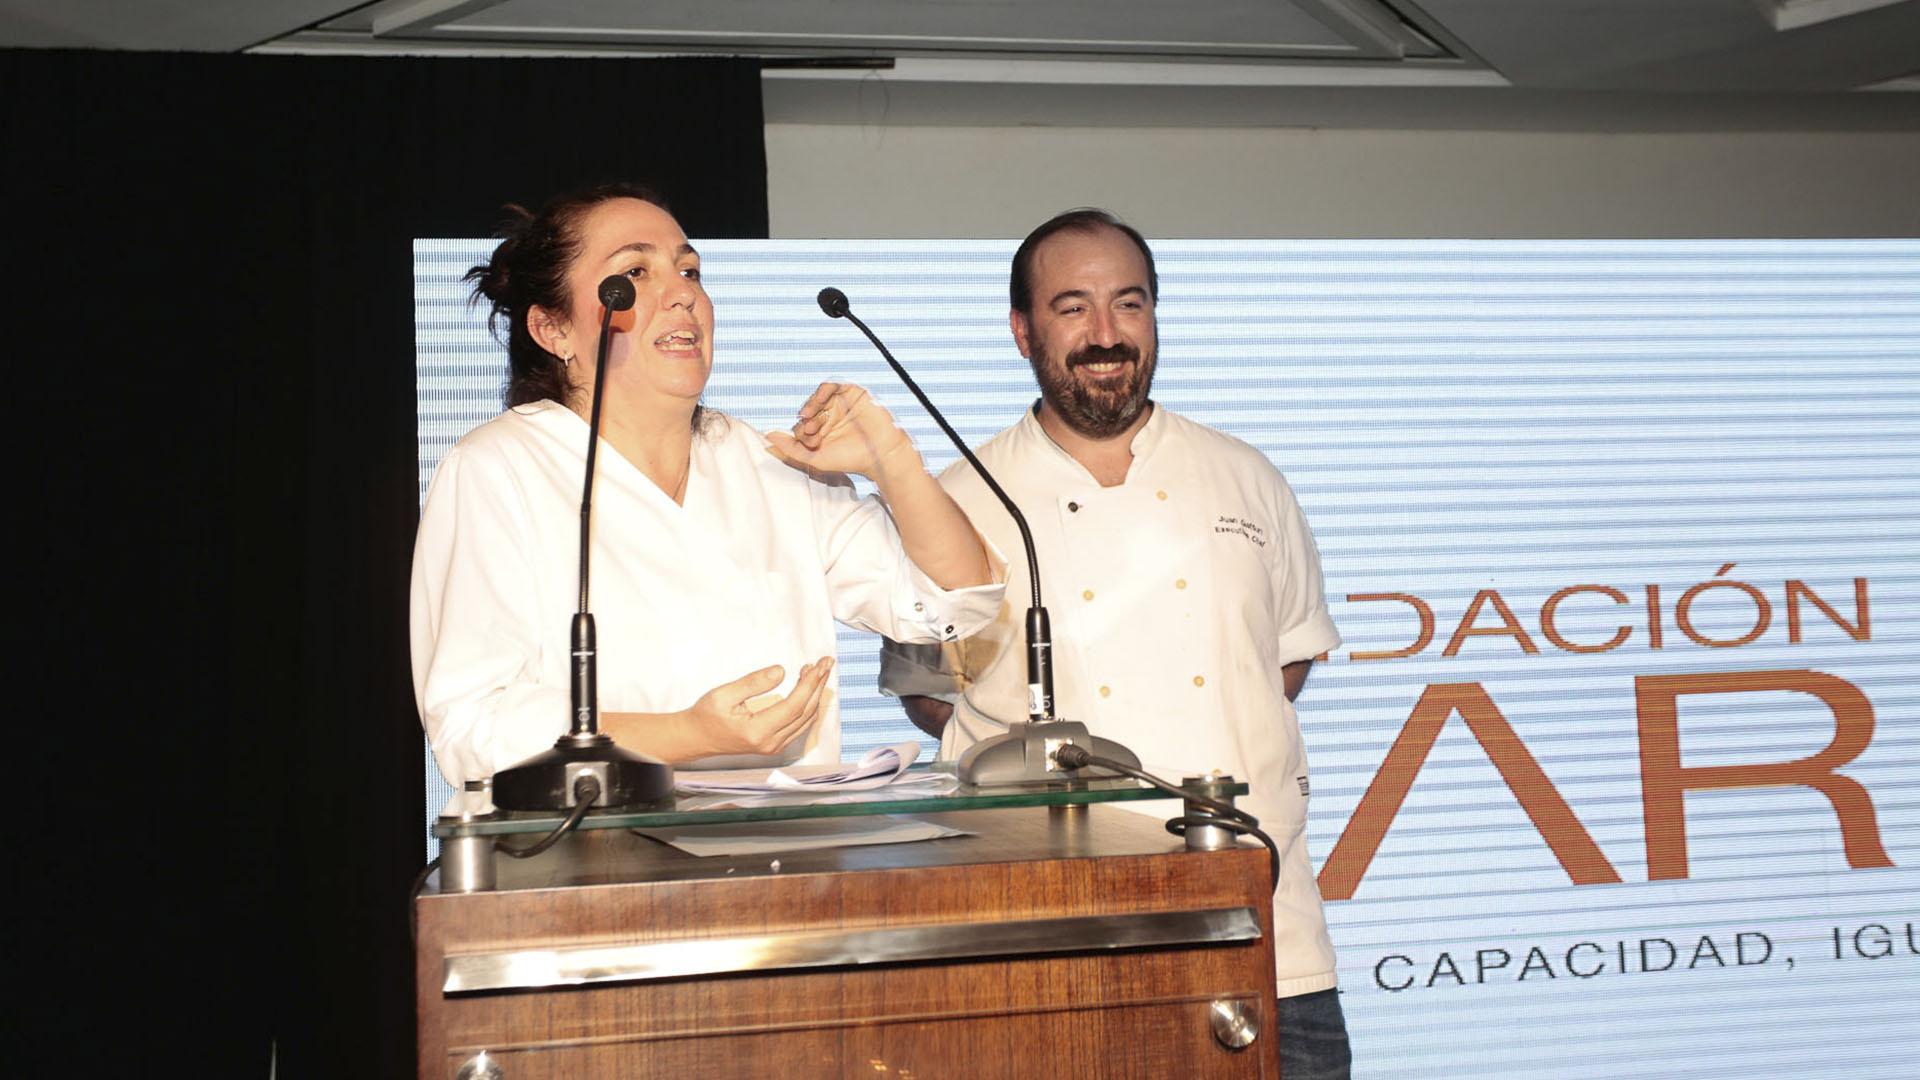 Los chefs Narda Lepes y Juan Gaffuri fusionaron lo mejor de su cocina para deleitar a los invitados. Esta segunda edición de Par Gourmet, fue una ocasión especial para compartir el trabajo que realiza la Fundación Par desde hace tres décadas, por la inclusión de las personas con discapacidad